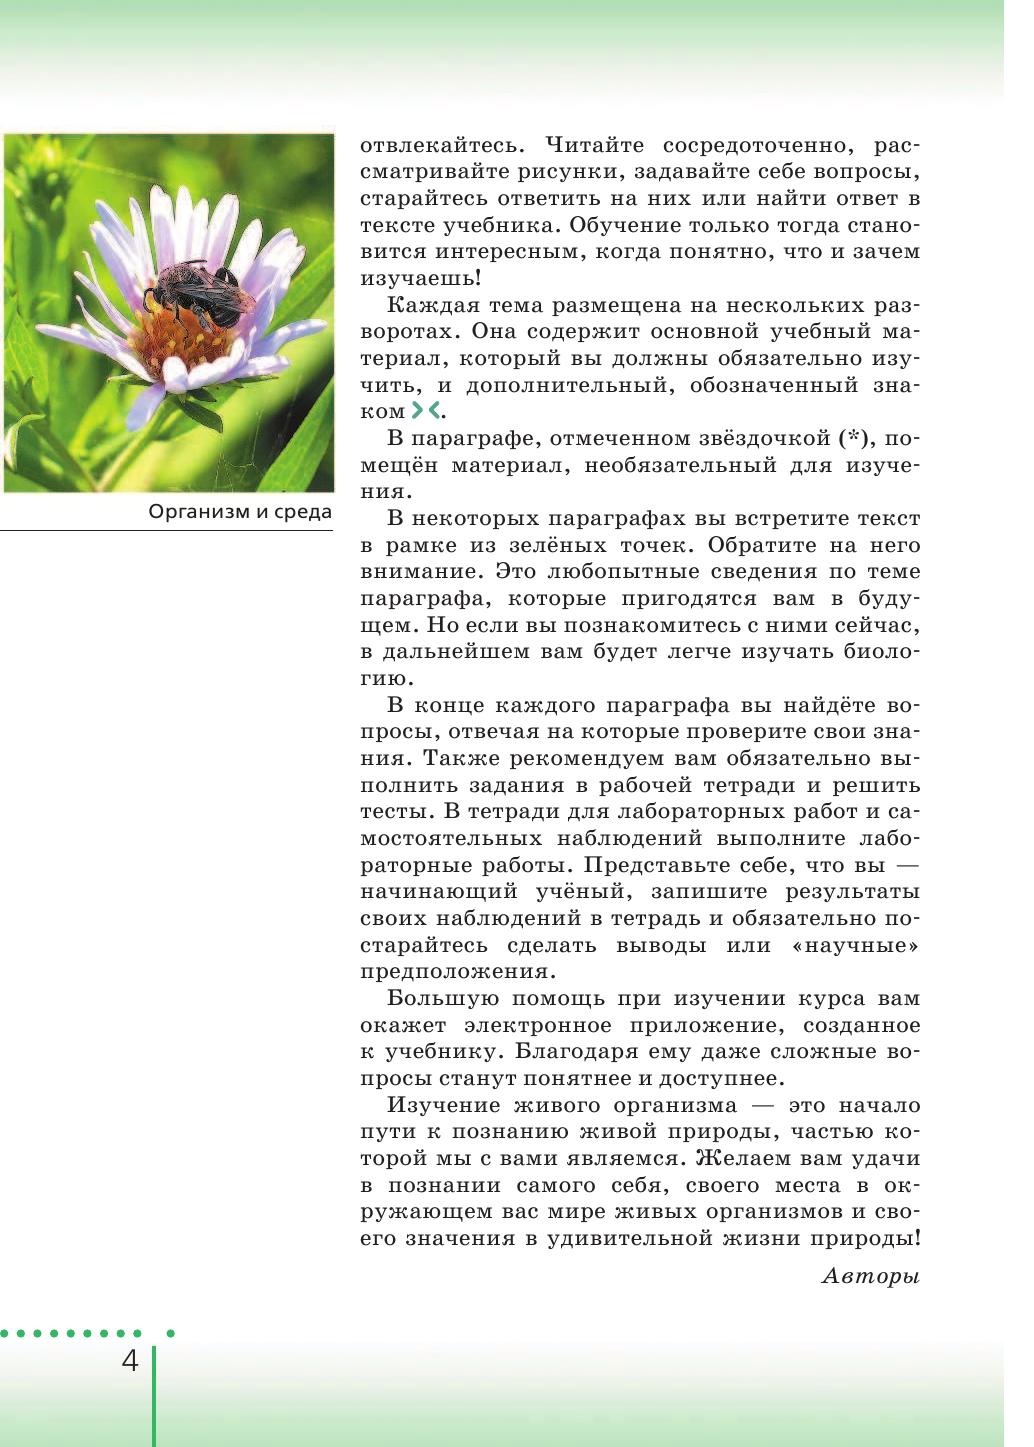 Учебник умк биология живой организм 5-6 классы скачать торрент